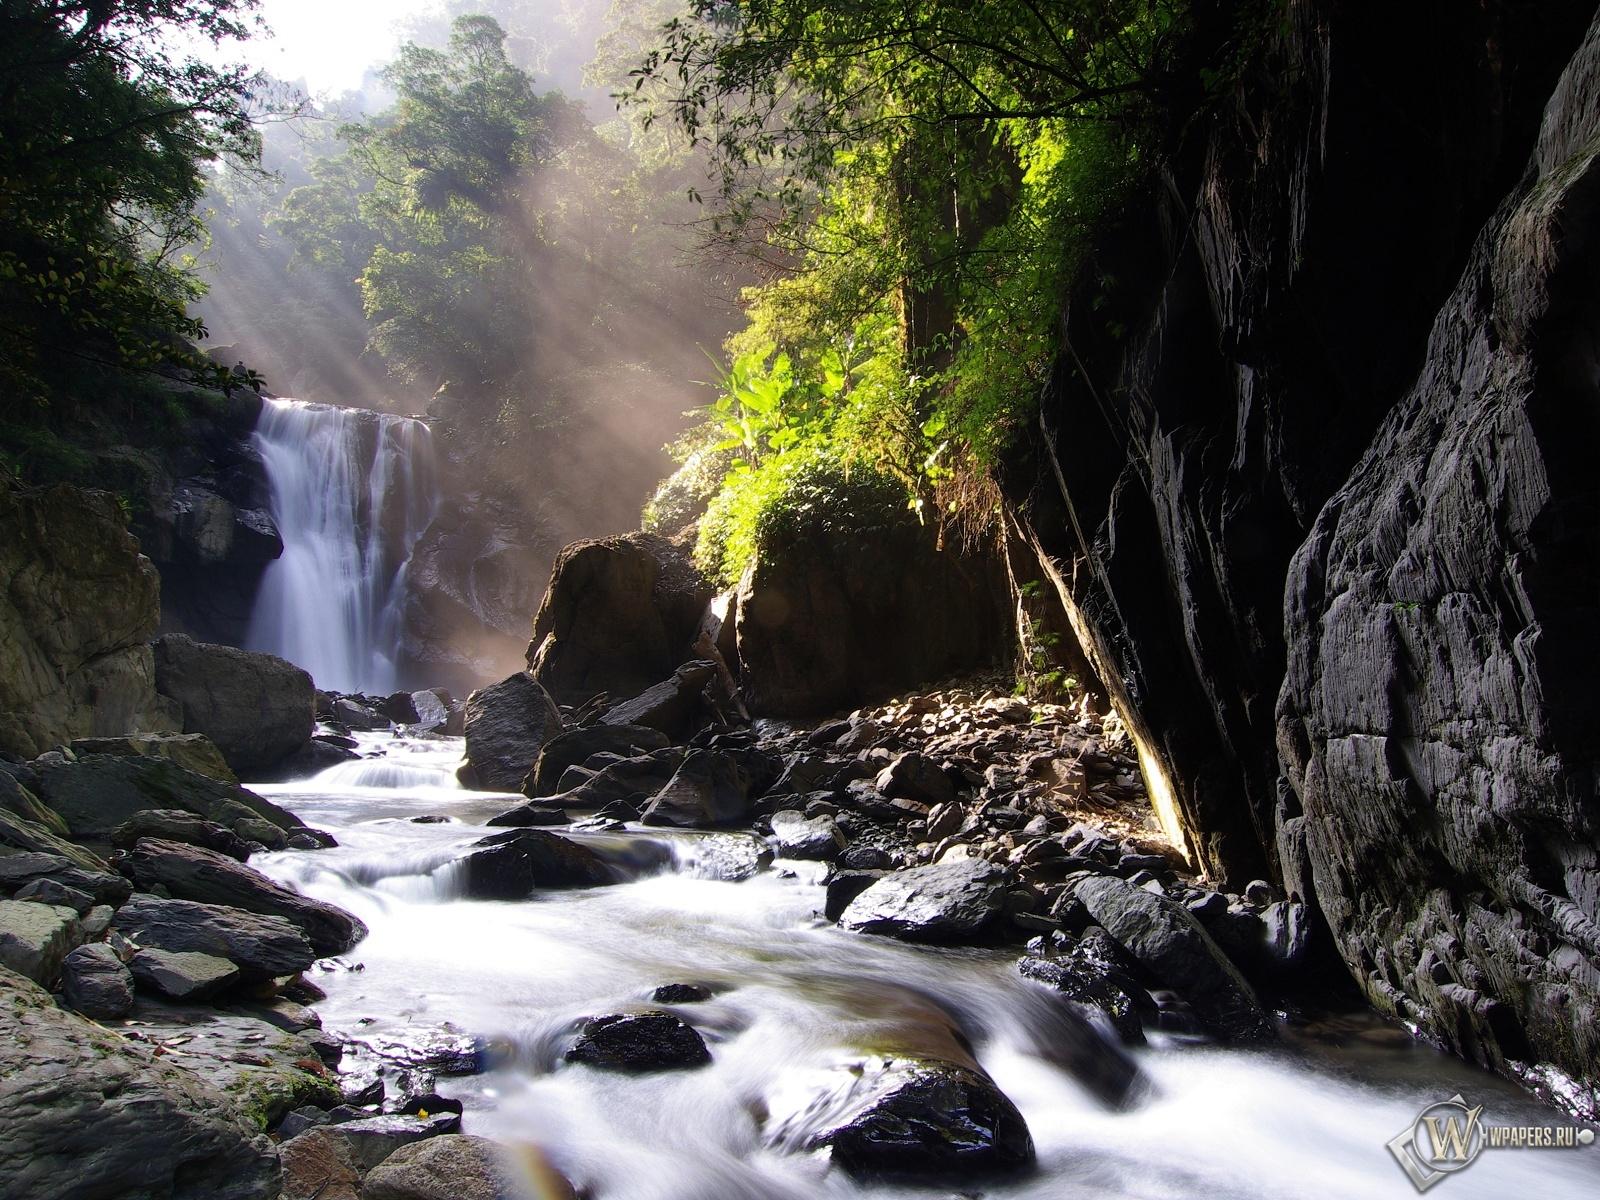 Neidong waterfall 1600x1200